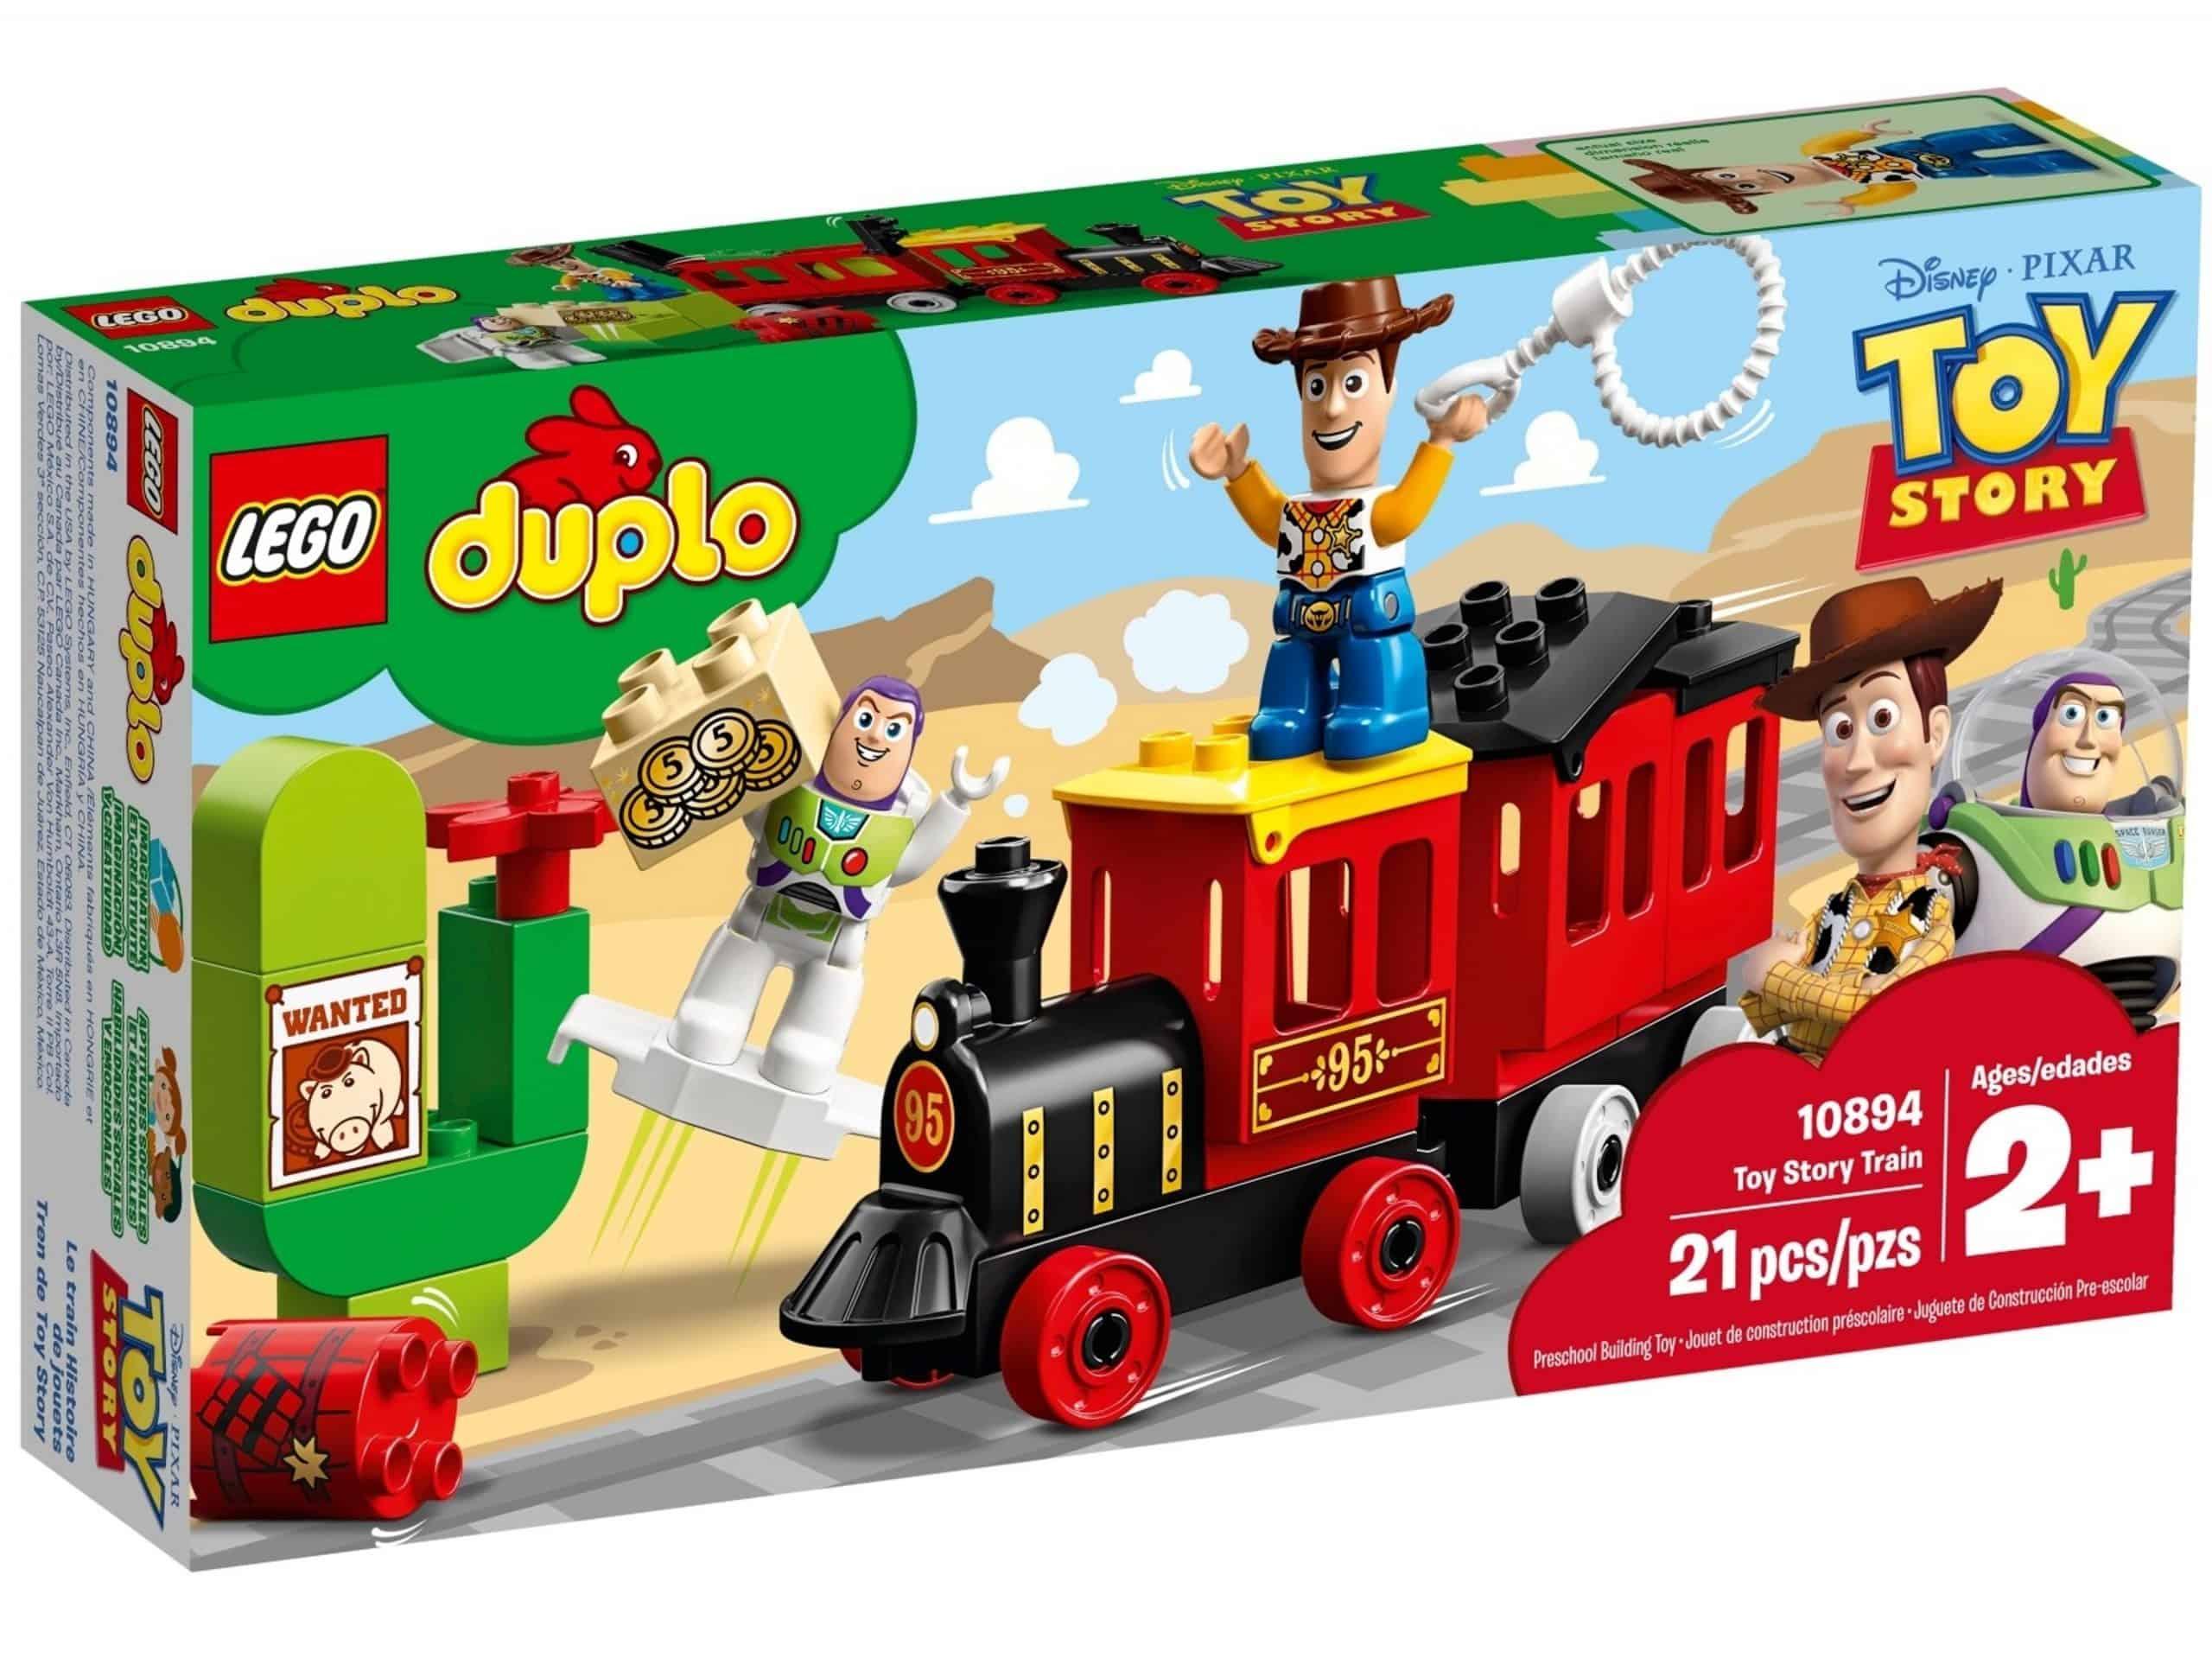 lego 10894 toy story zug scaled